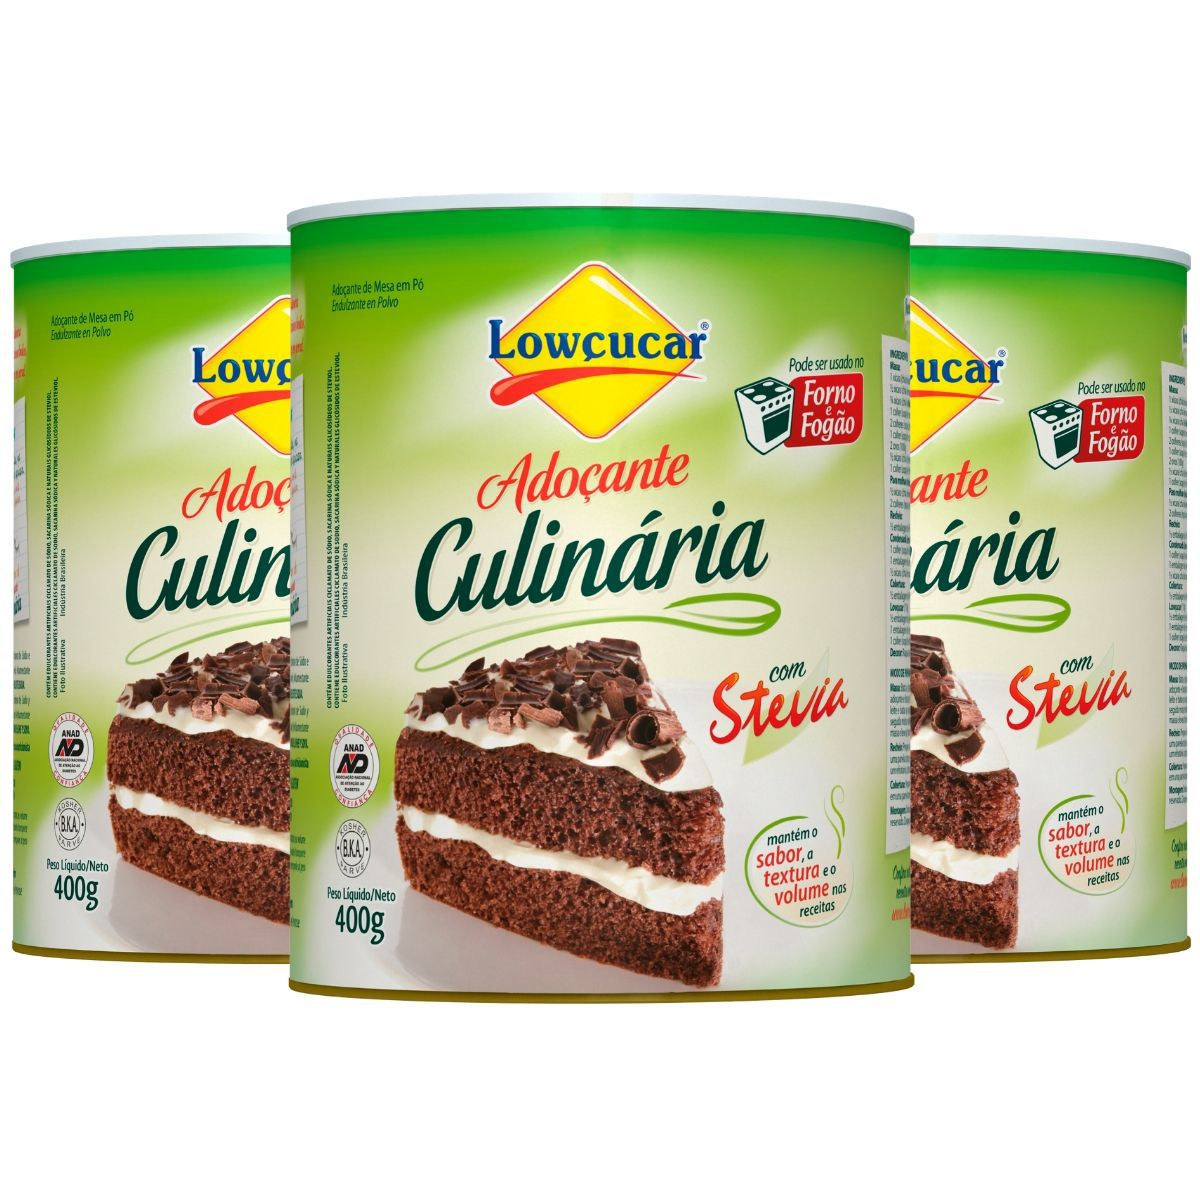 Kit 3 Adoçantes Culinária Forno E fogão C/ Stevia 400g - Lowçucar Plus